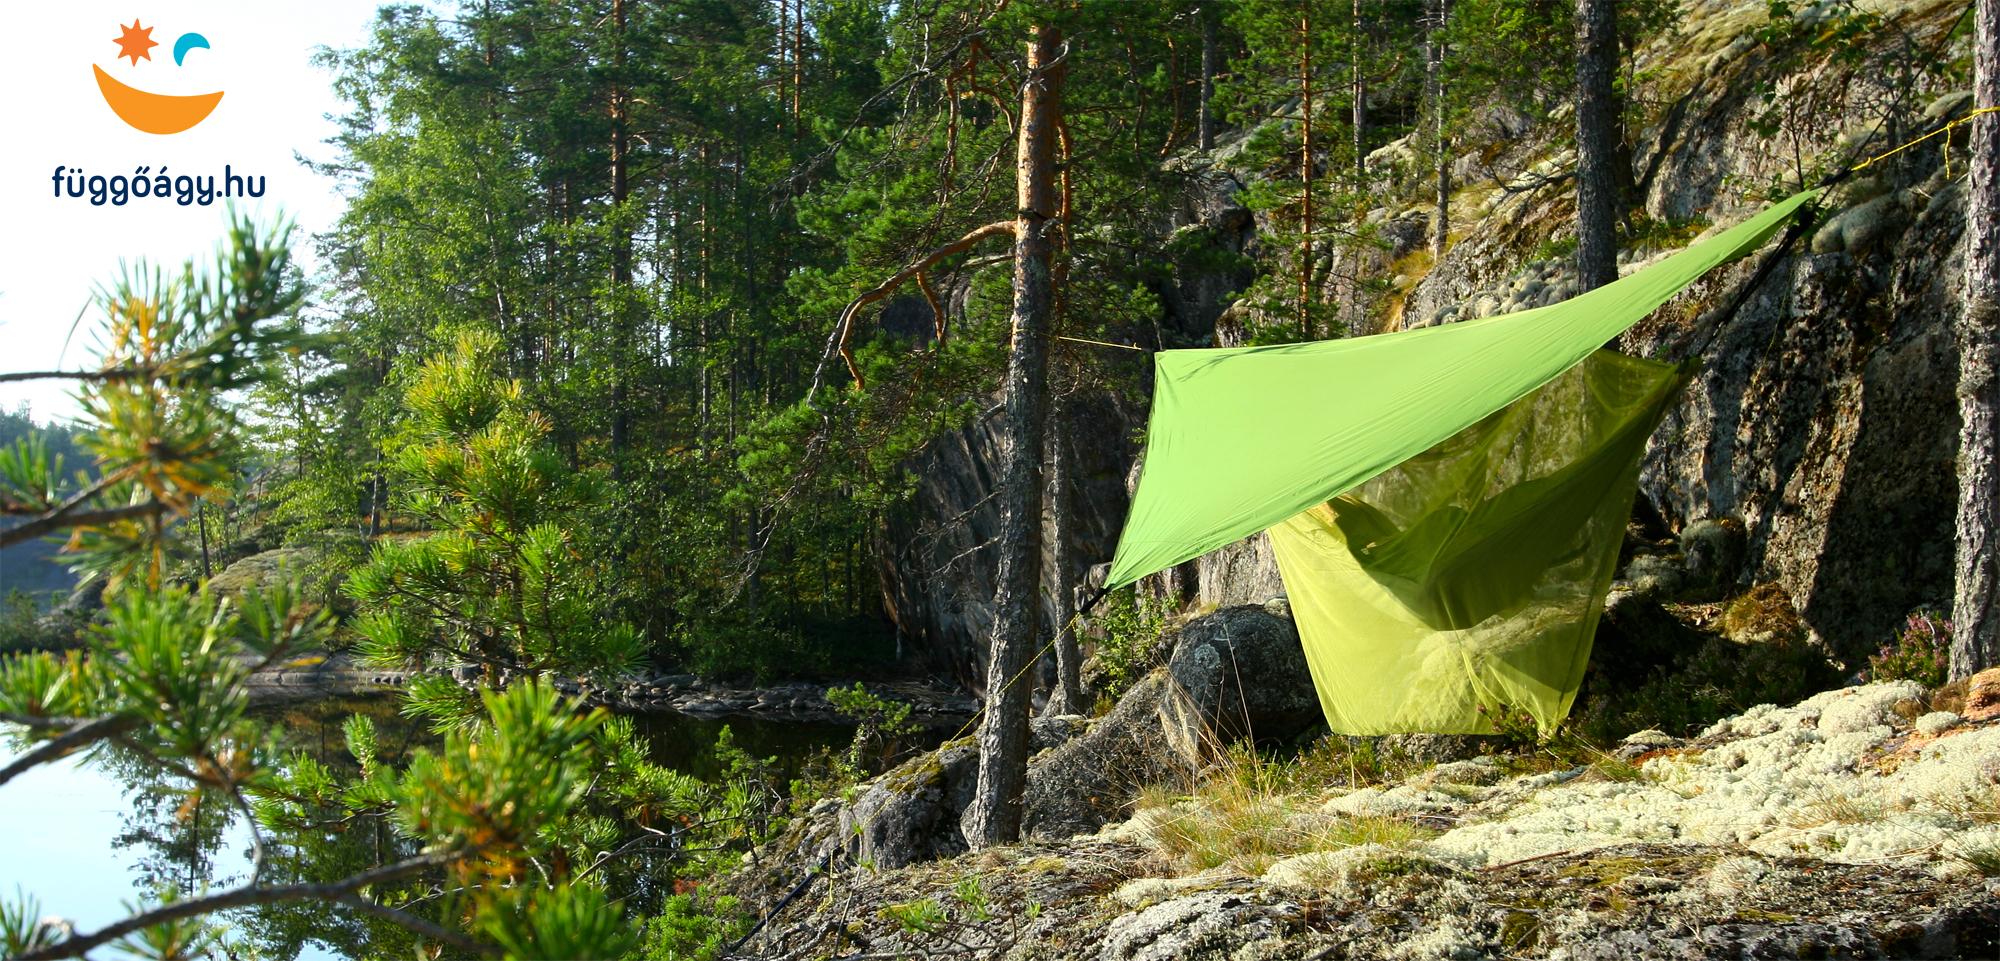 Finnország: függőágyas kemping a sziklán